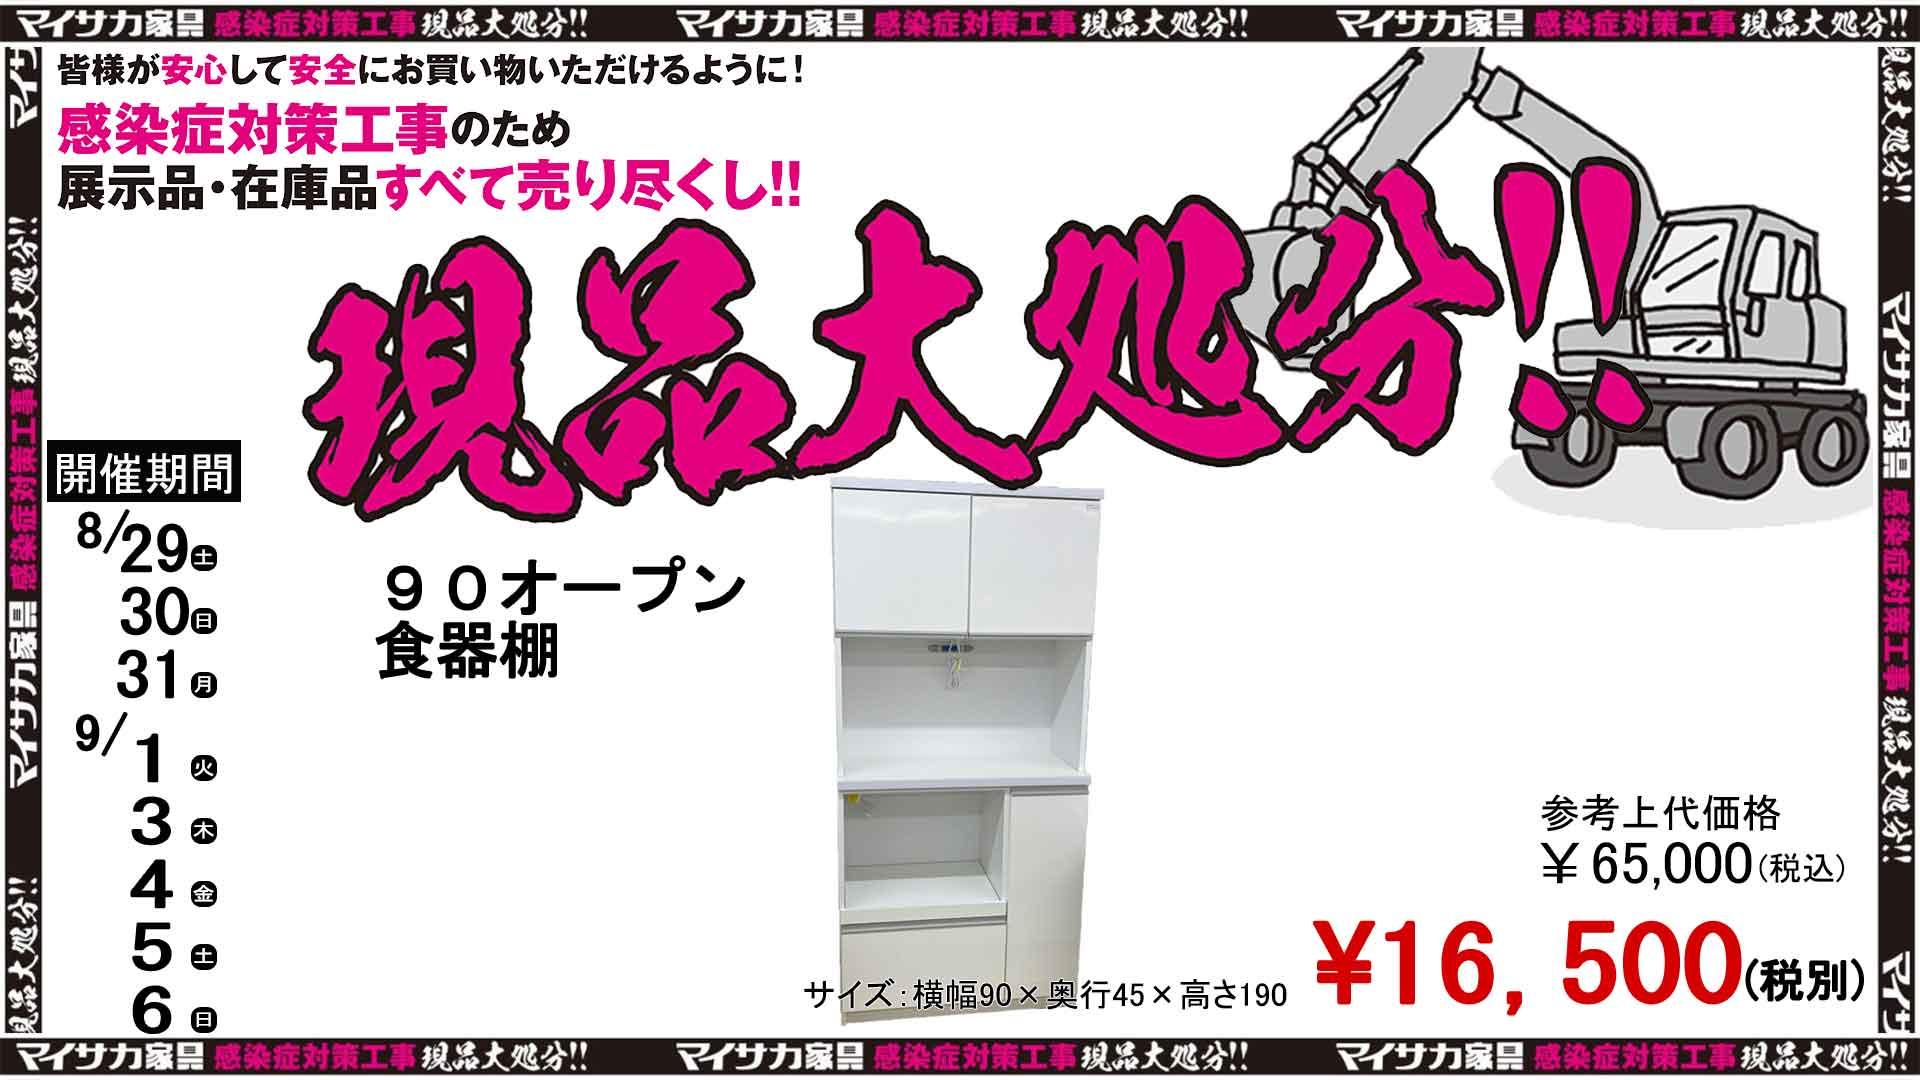 白い90幅のオープン食器棚